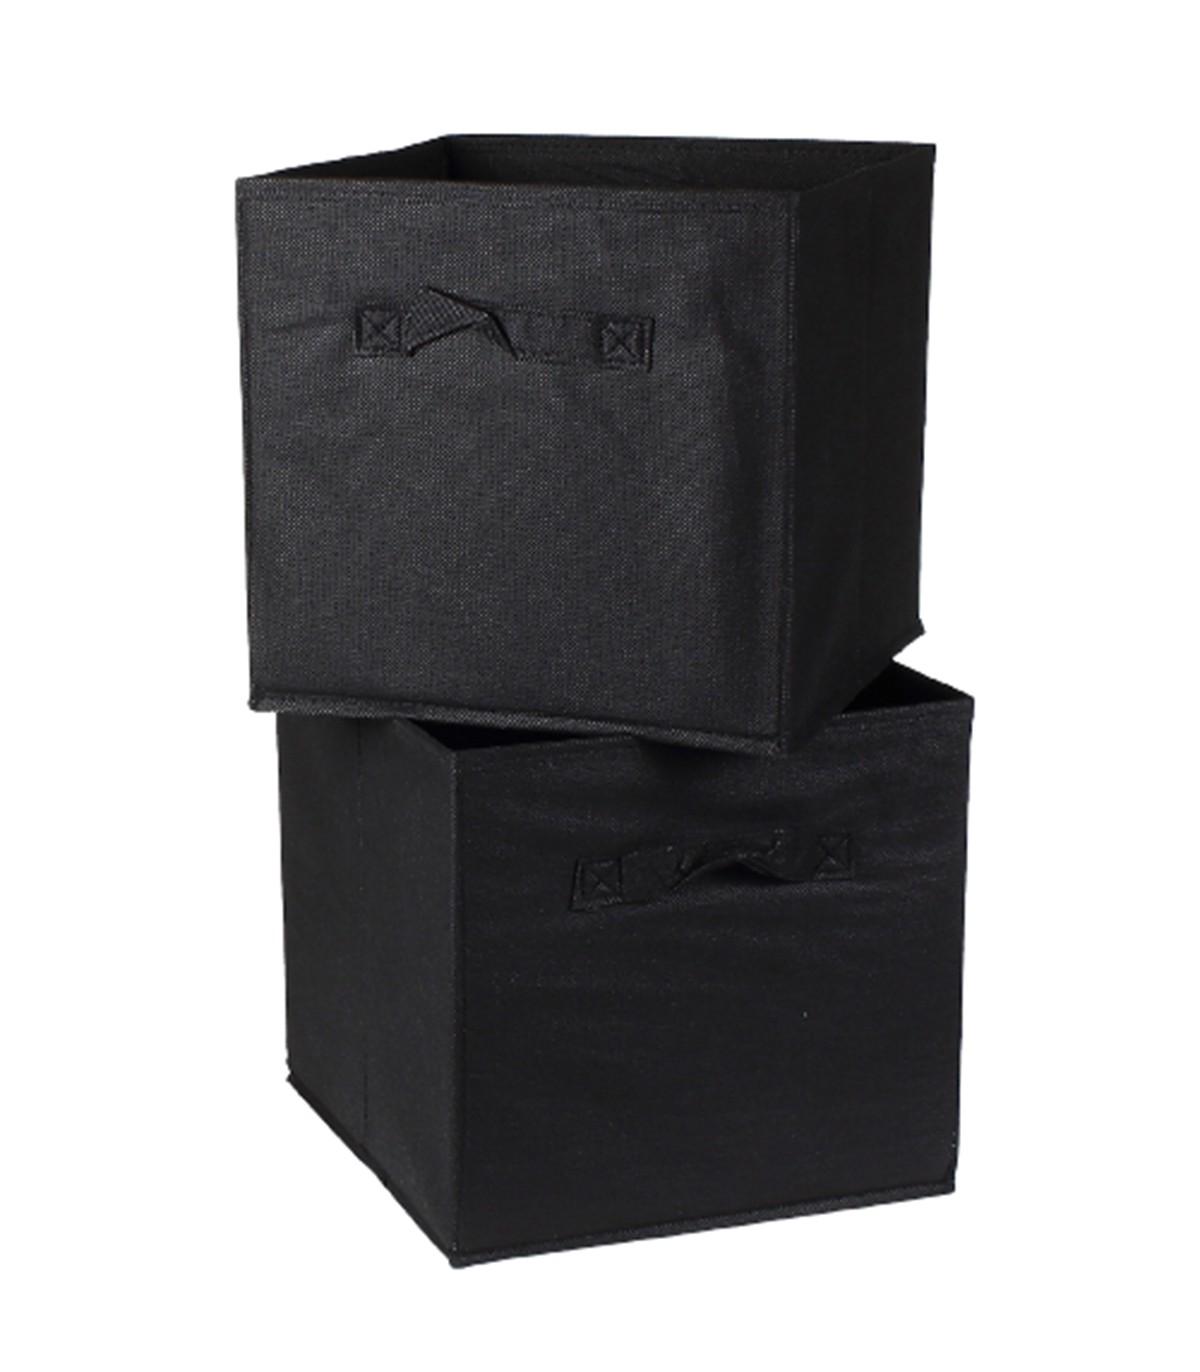 Cube de rangement intissé 28x28cm - Lot de 2 - Noir